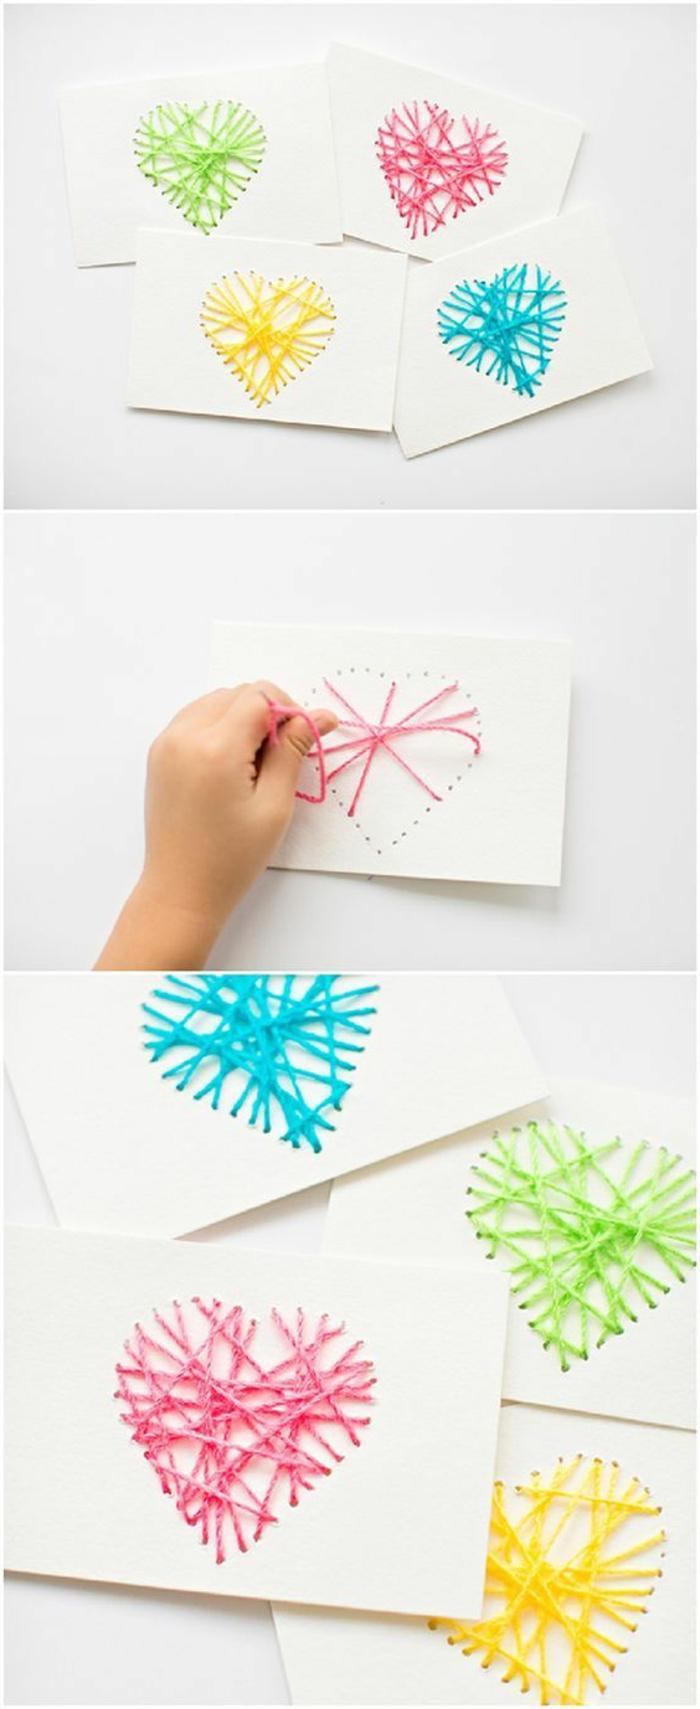 ideas de manualidades para niños faciles y rapidos, regalos para San Valentín hechos a mano, tarjetas con corazones en colores